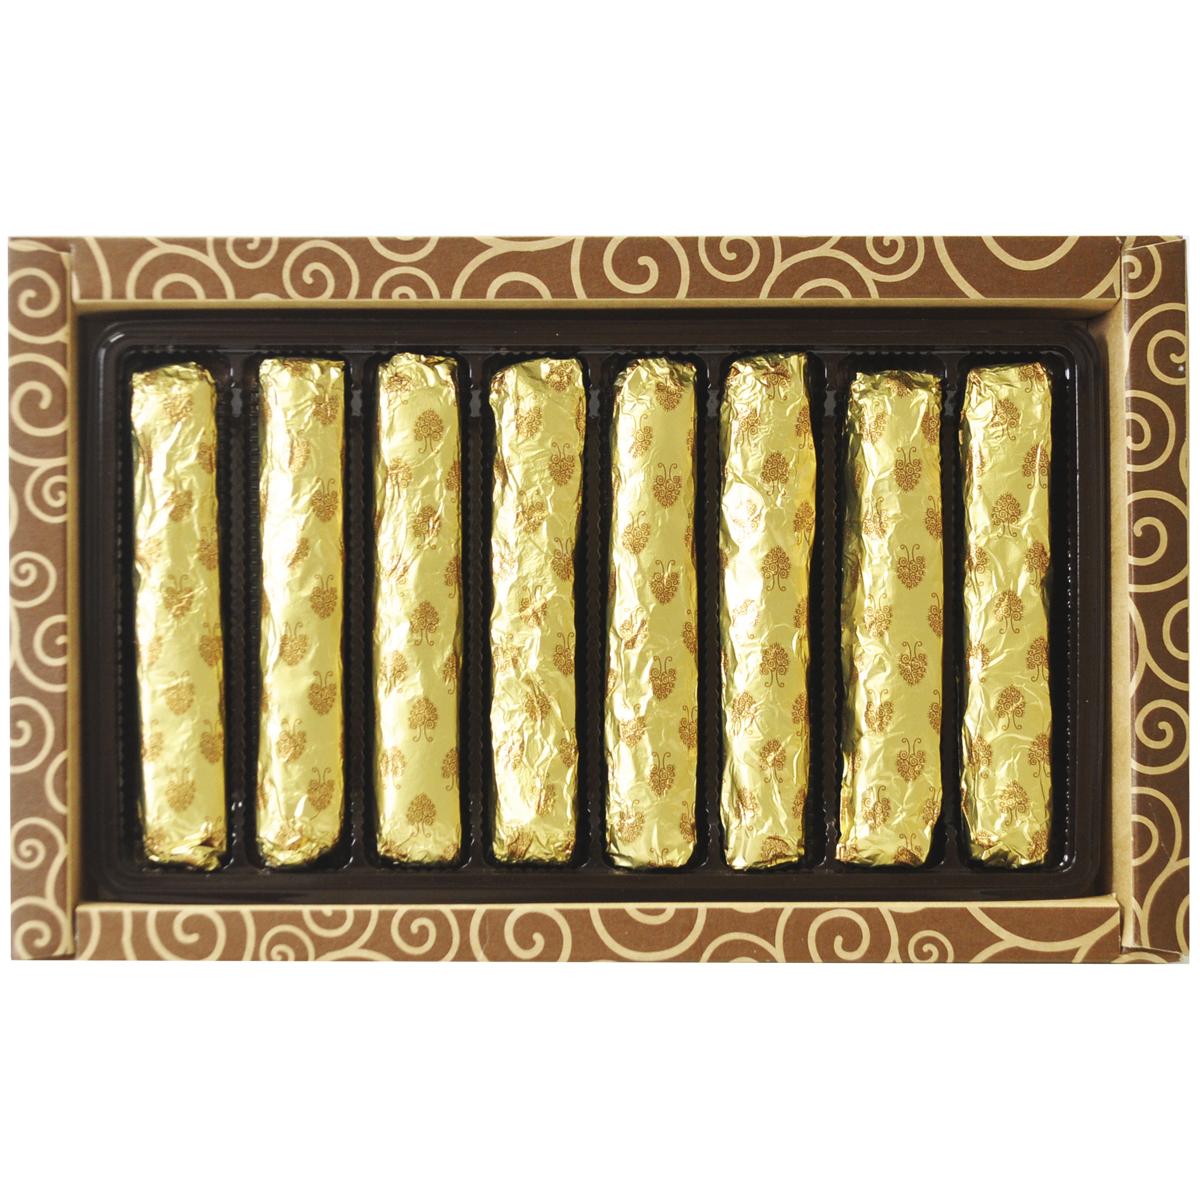 Кедровые палочки в шоколадной глазури, 190 гр